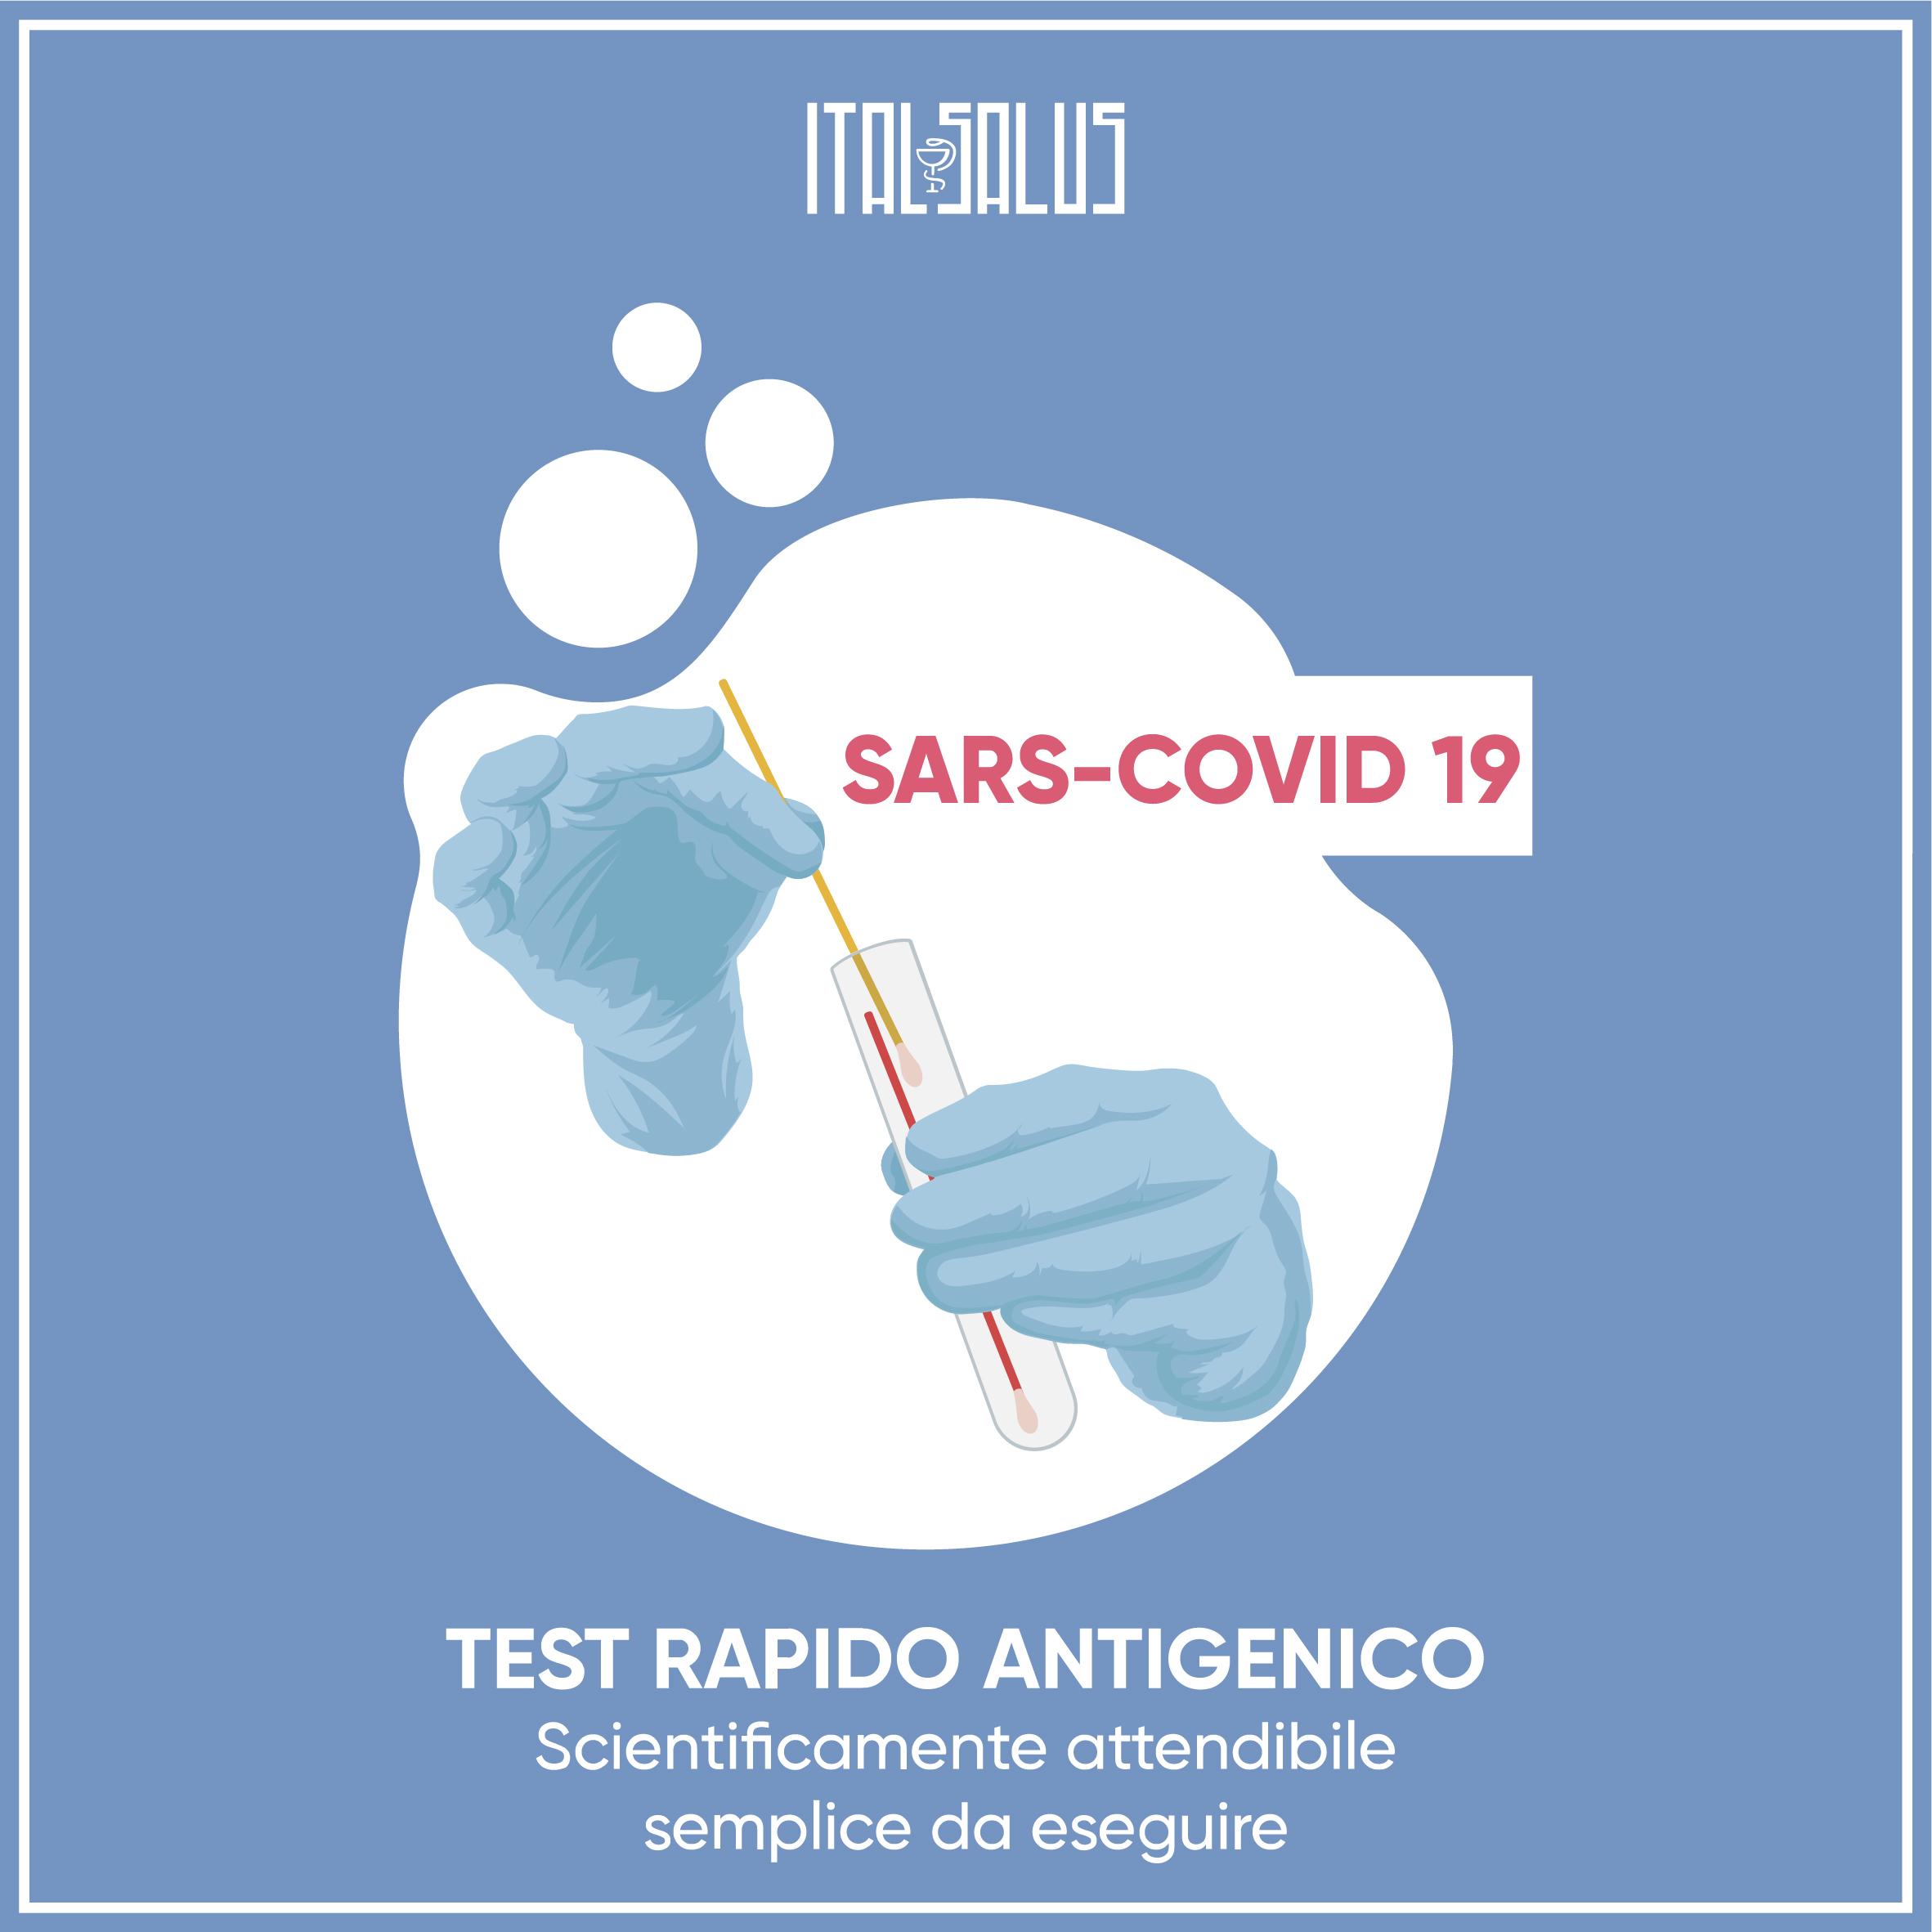 disegno test Antigenico sars covid 19